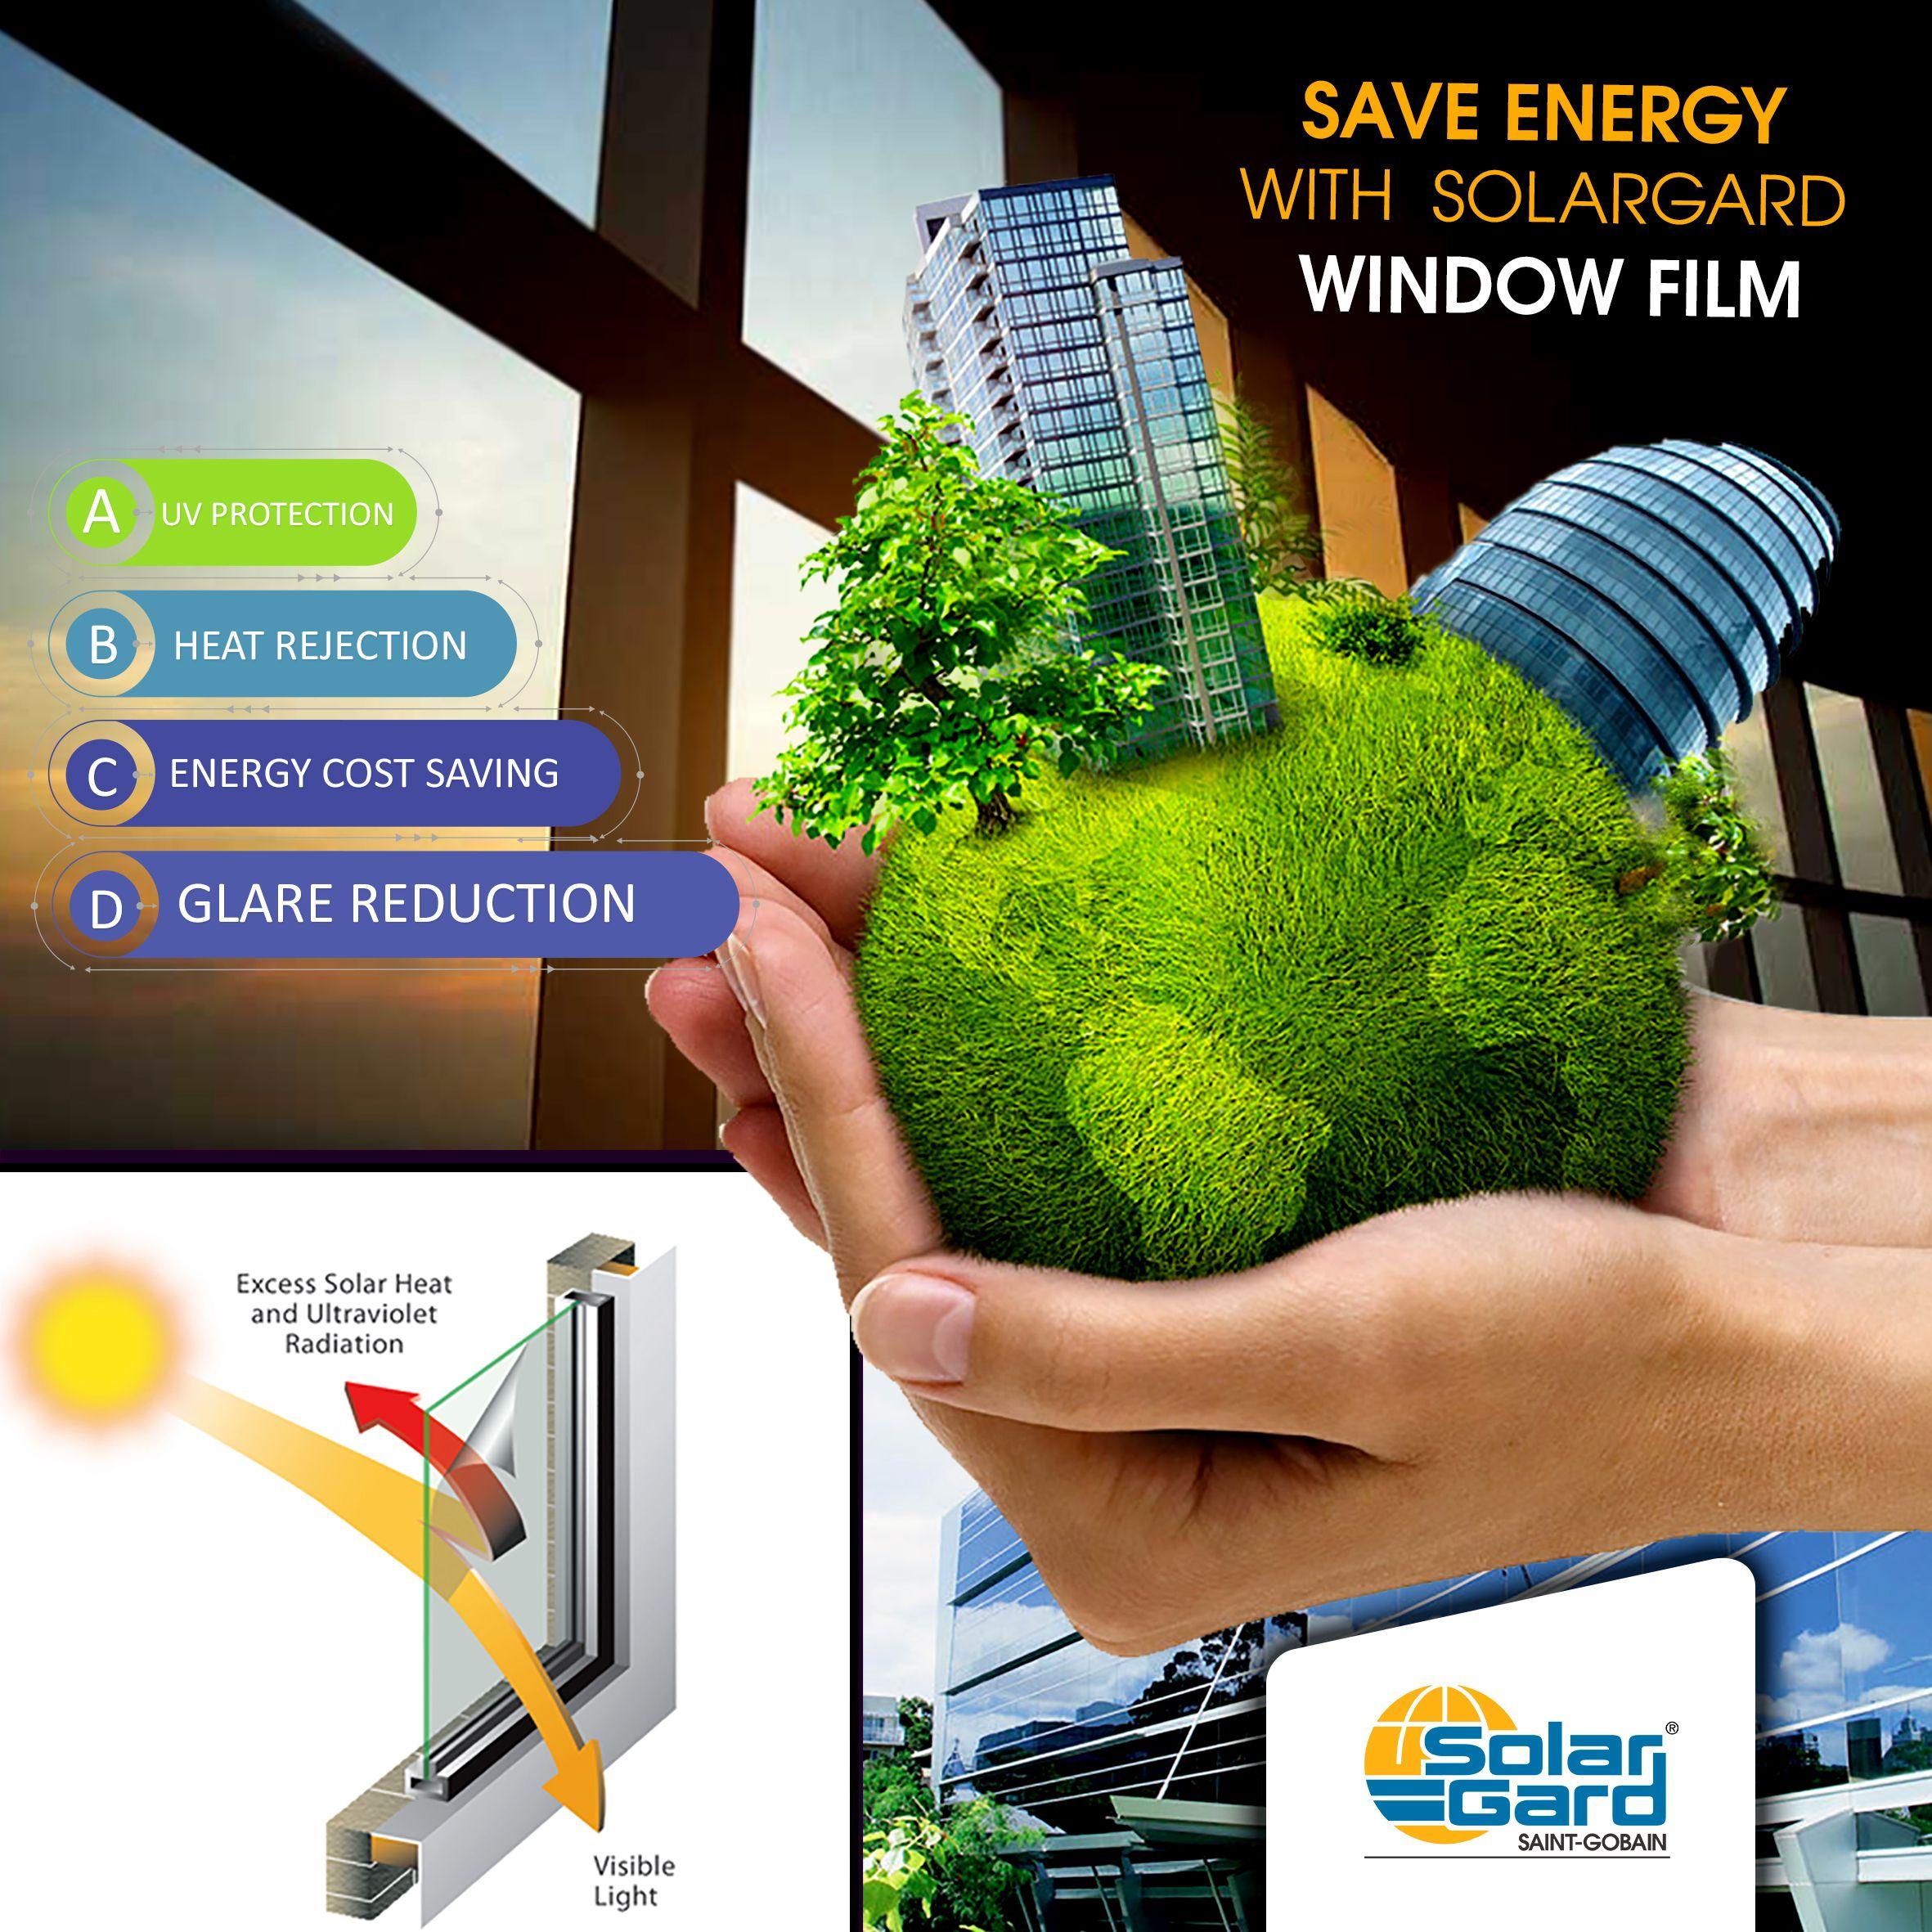 سولر جارد وفر الطاقة و استمتع ببيئة افضل بدوk Uv أشعة الشمس فوق بنفسجية و بدون حرارة فوق المعتاد تزعجك اينما ك Visible Light Energy Cost Save Energy